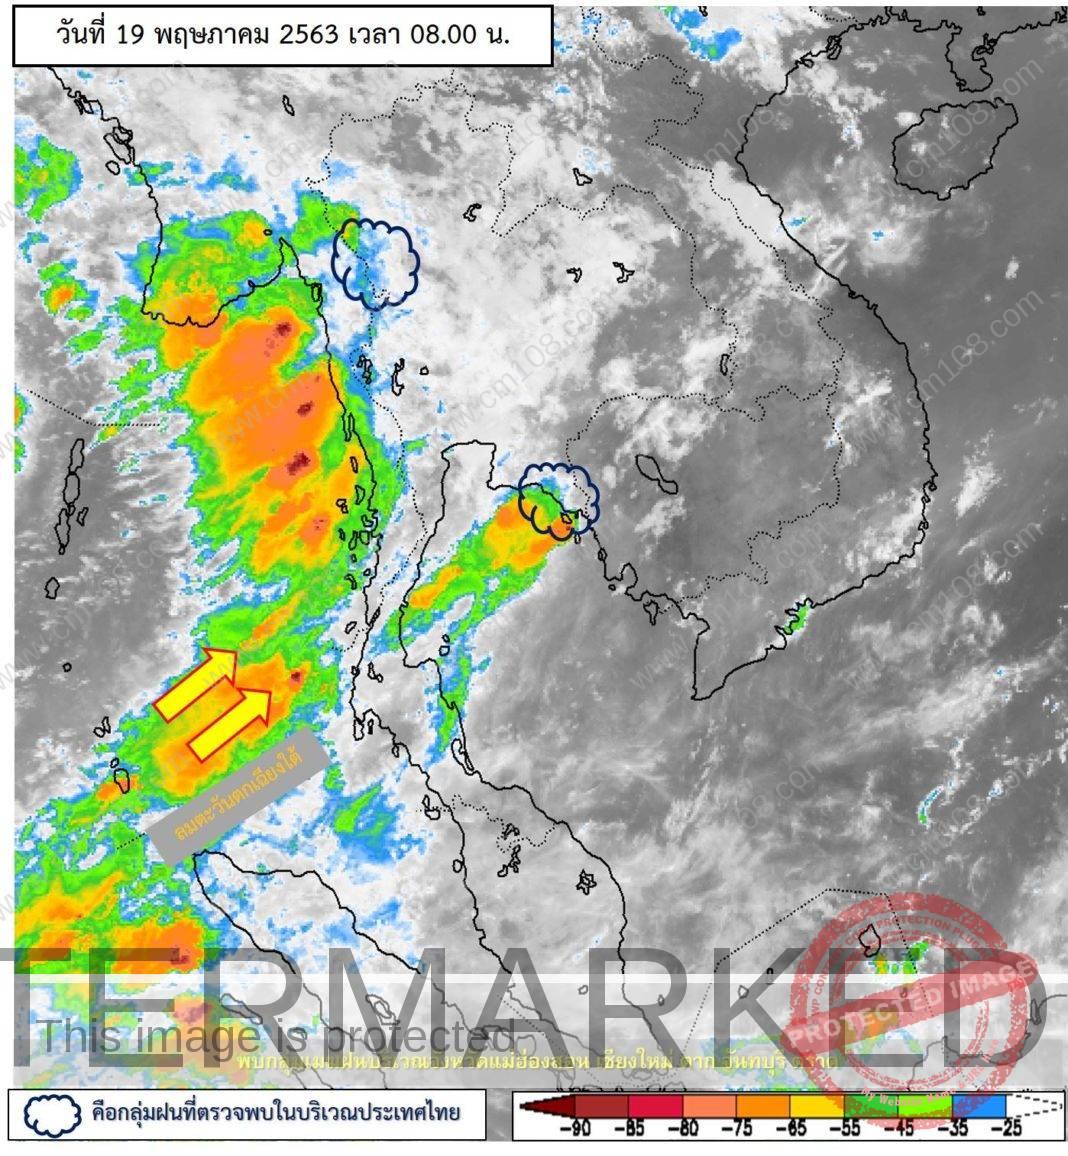 พยากรณ์อากาศประจำวันที่ 19 พฤษภาคม 2563